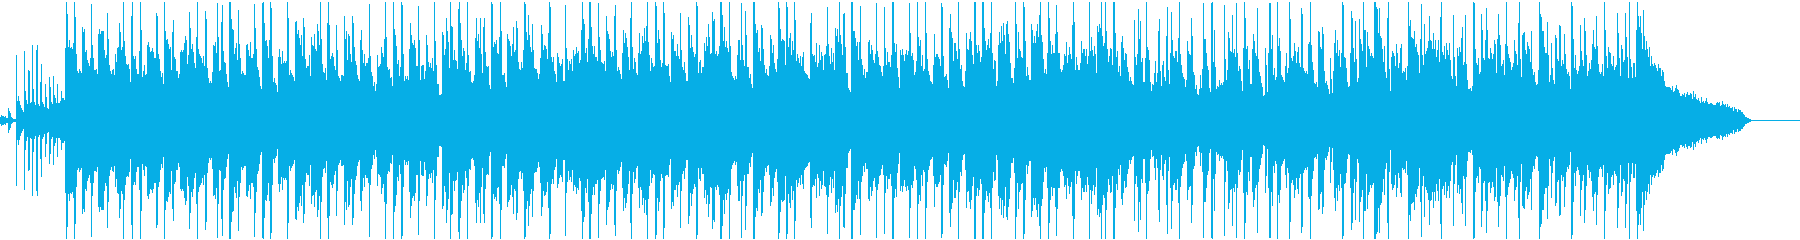 わくわくするようなアコースティック曲の再生済みの波形